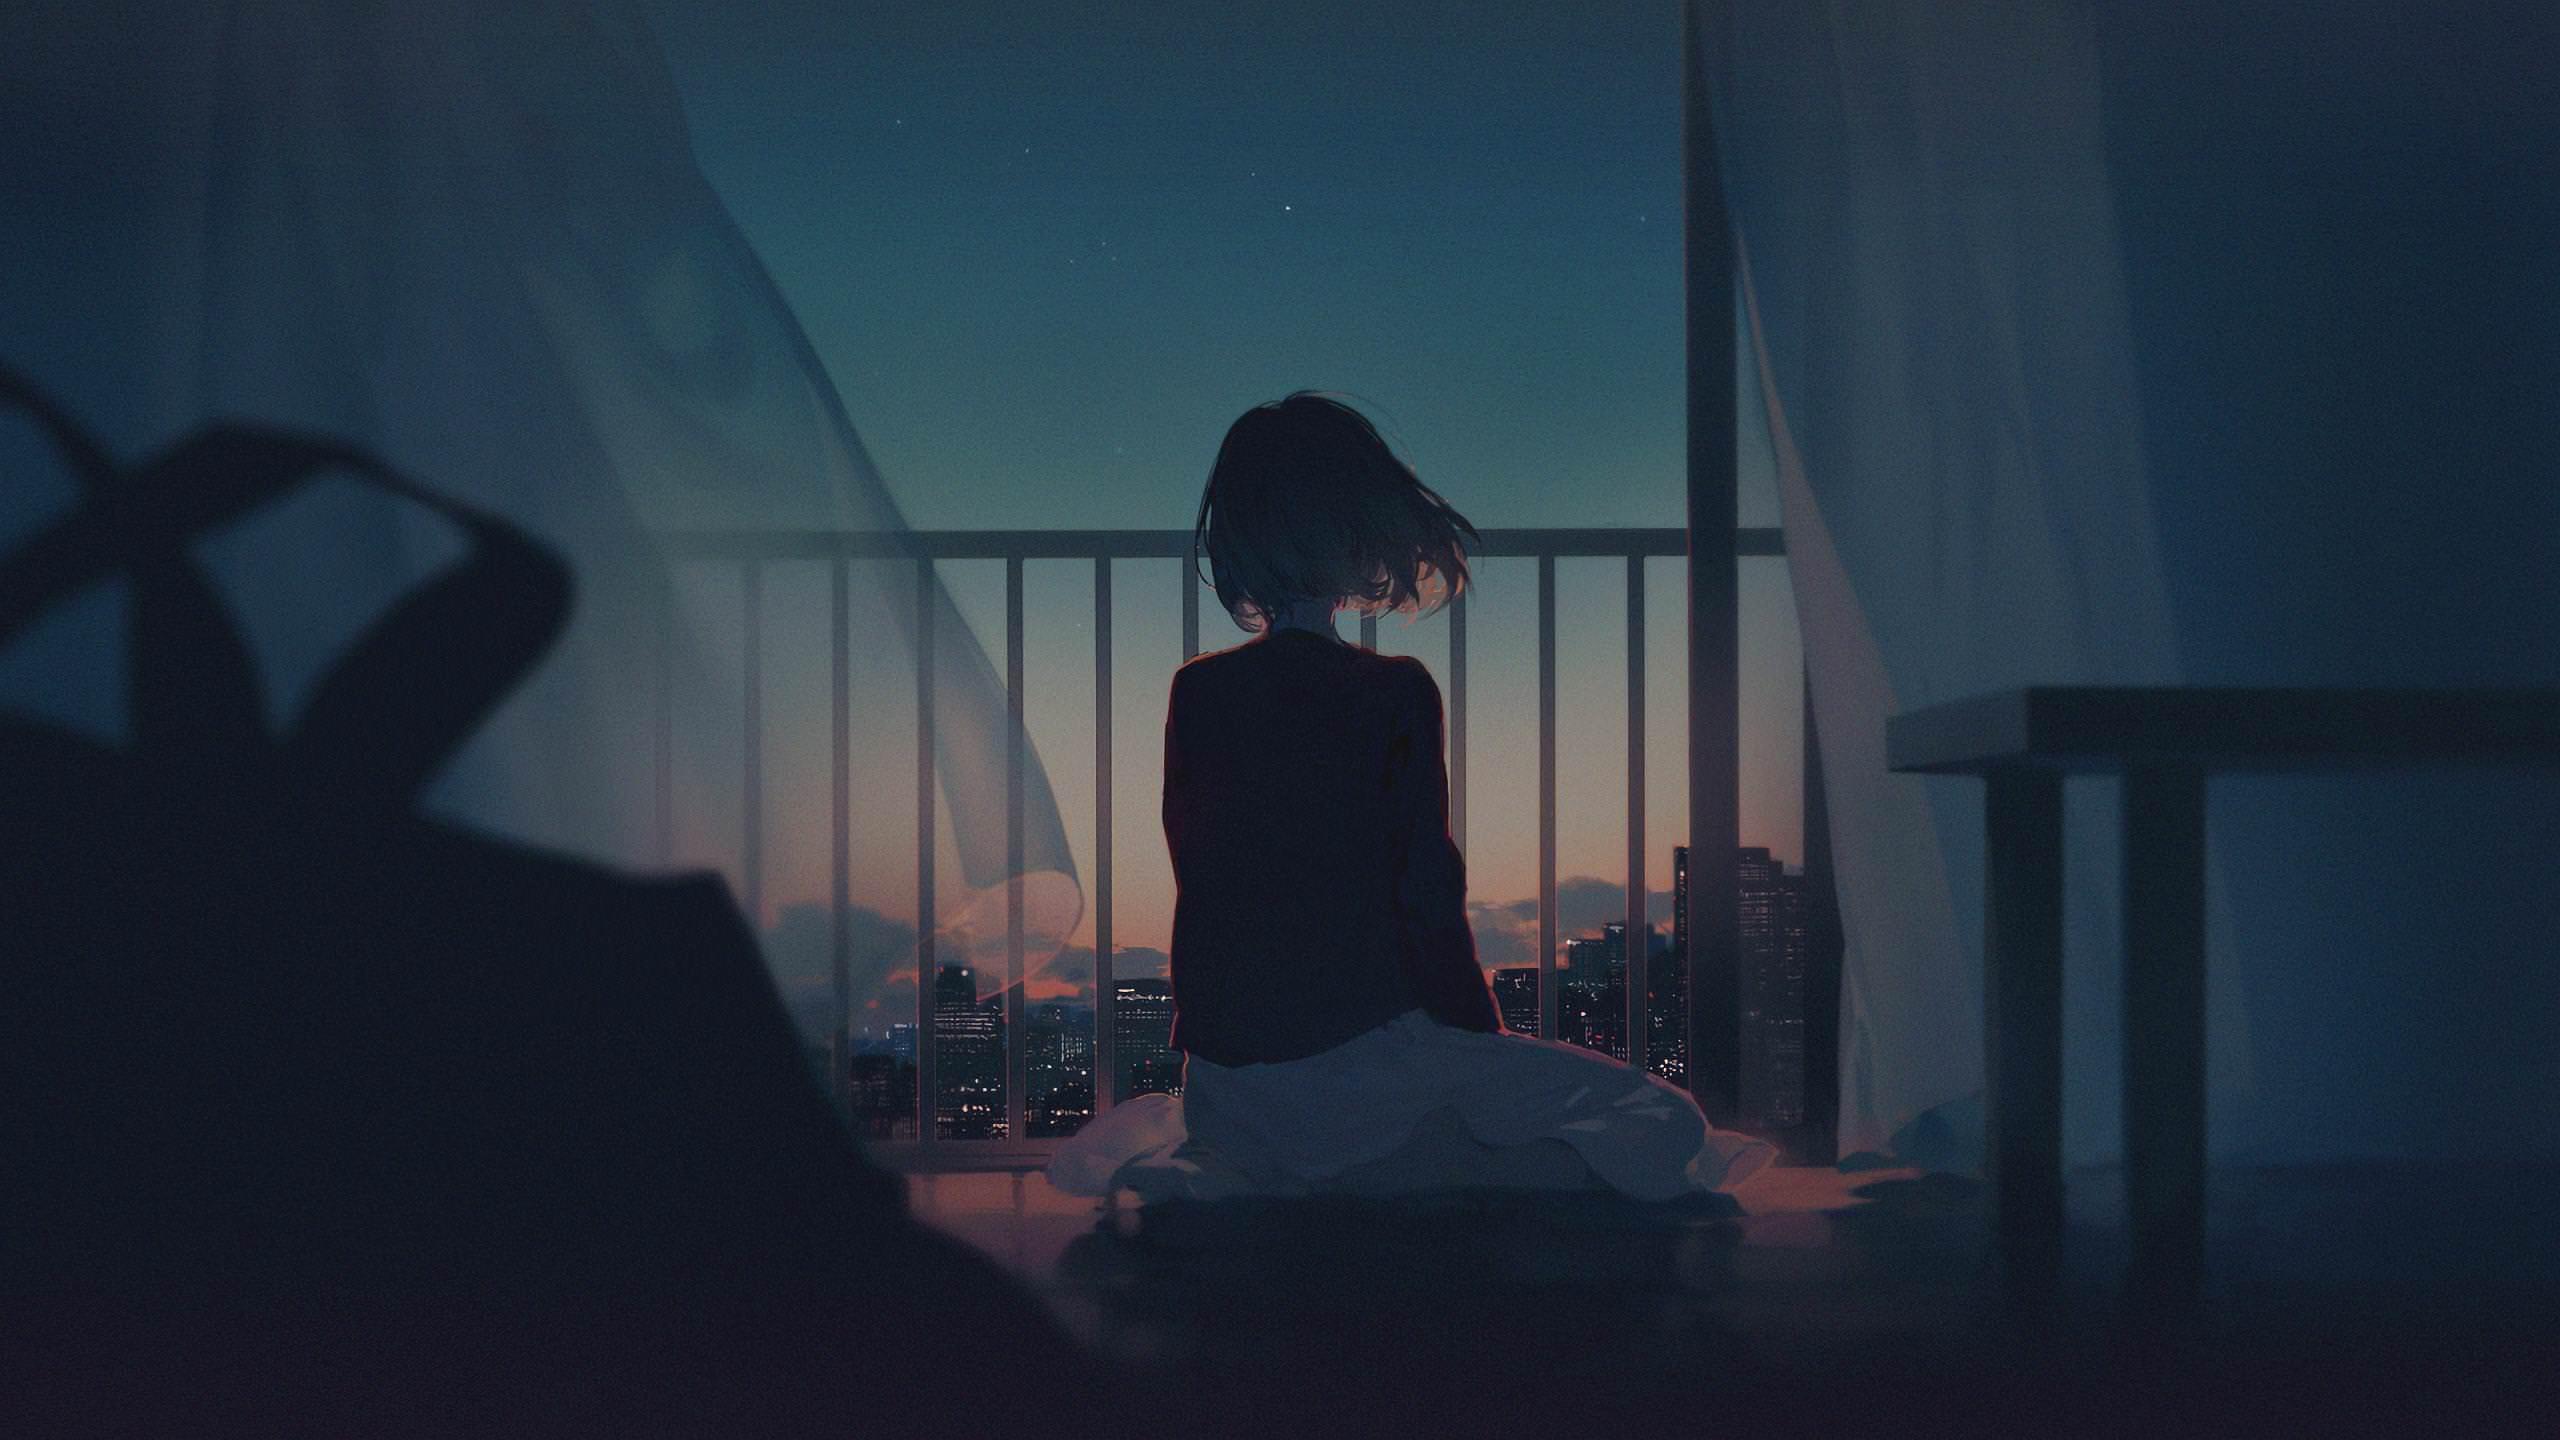 Ảnh buồn cô đơn đẹp nhất